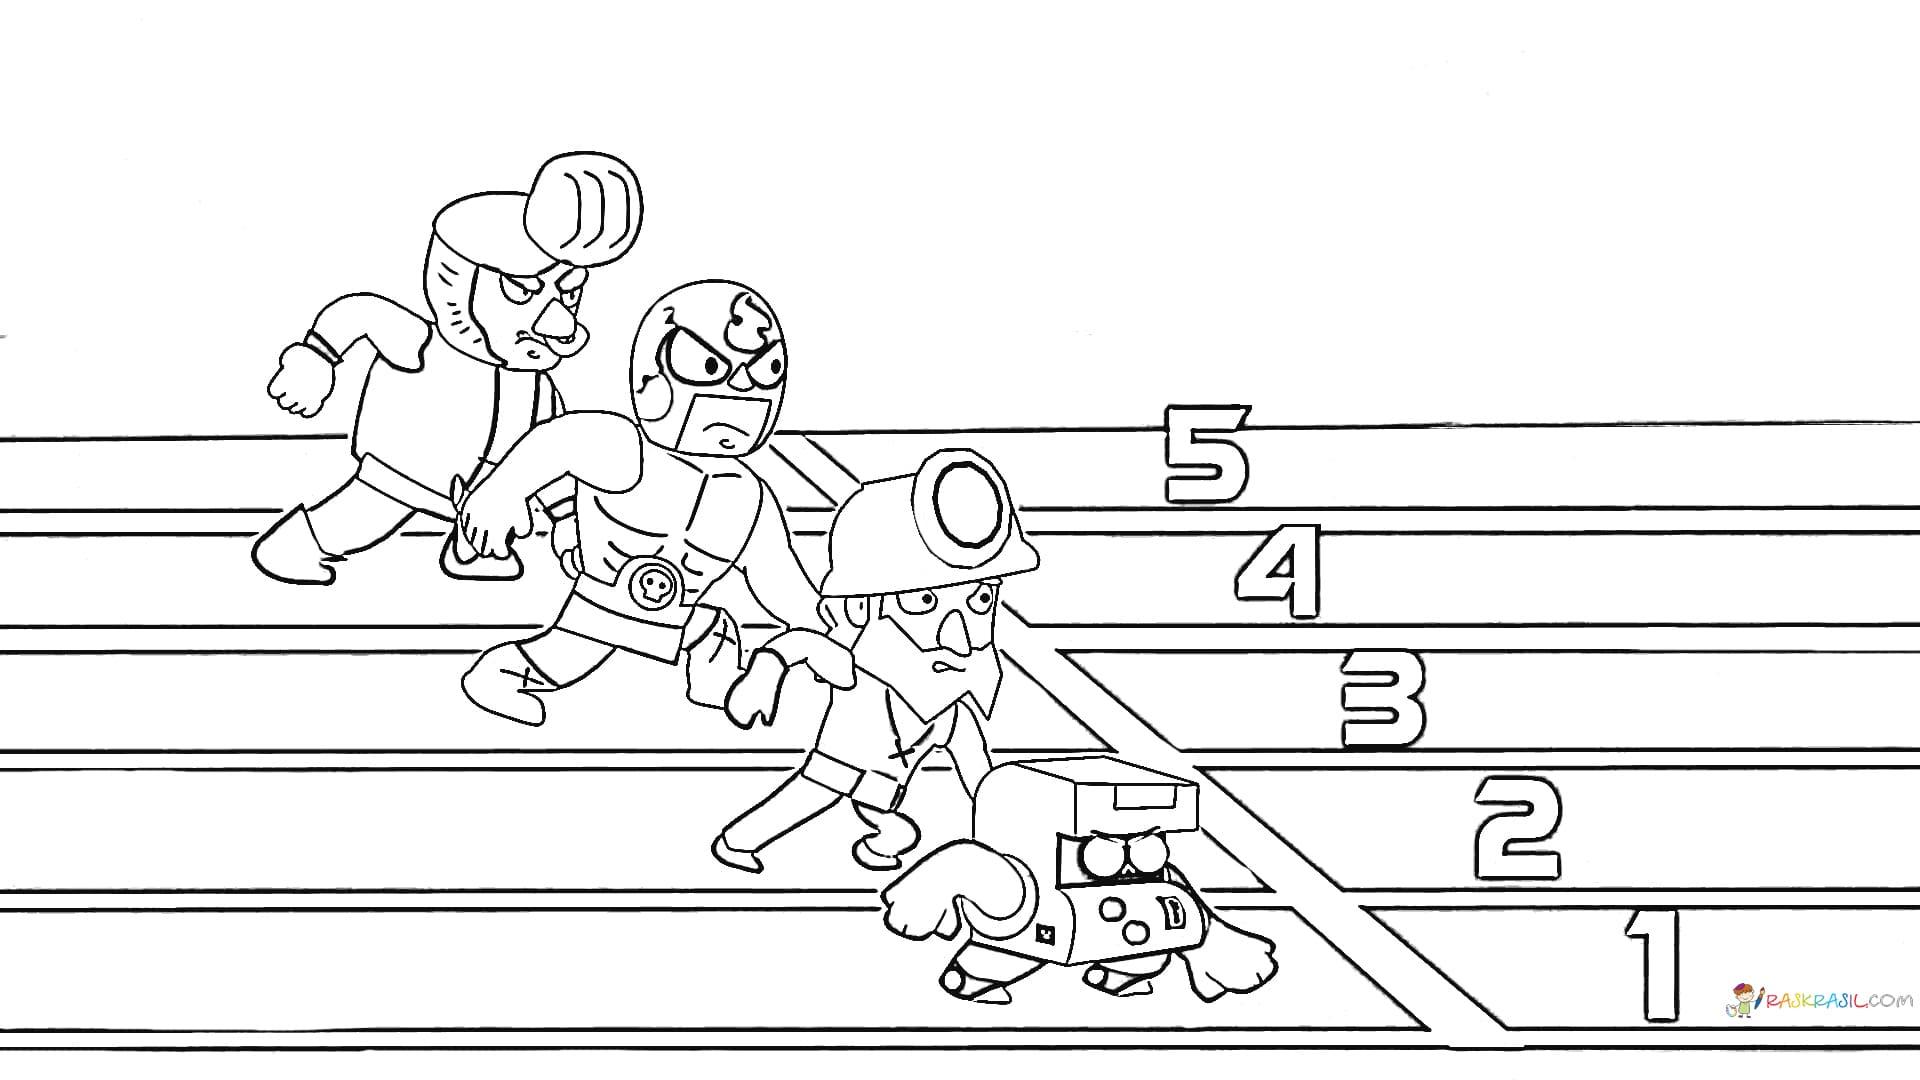 Dibujos de 8 bit para colorear. Imprime gratis desde el juego Brawl Stars